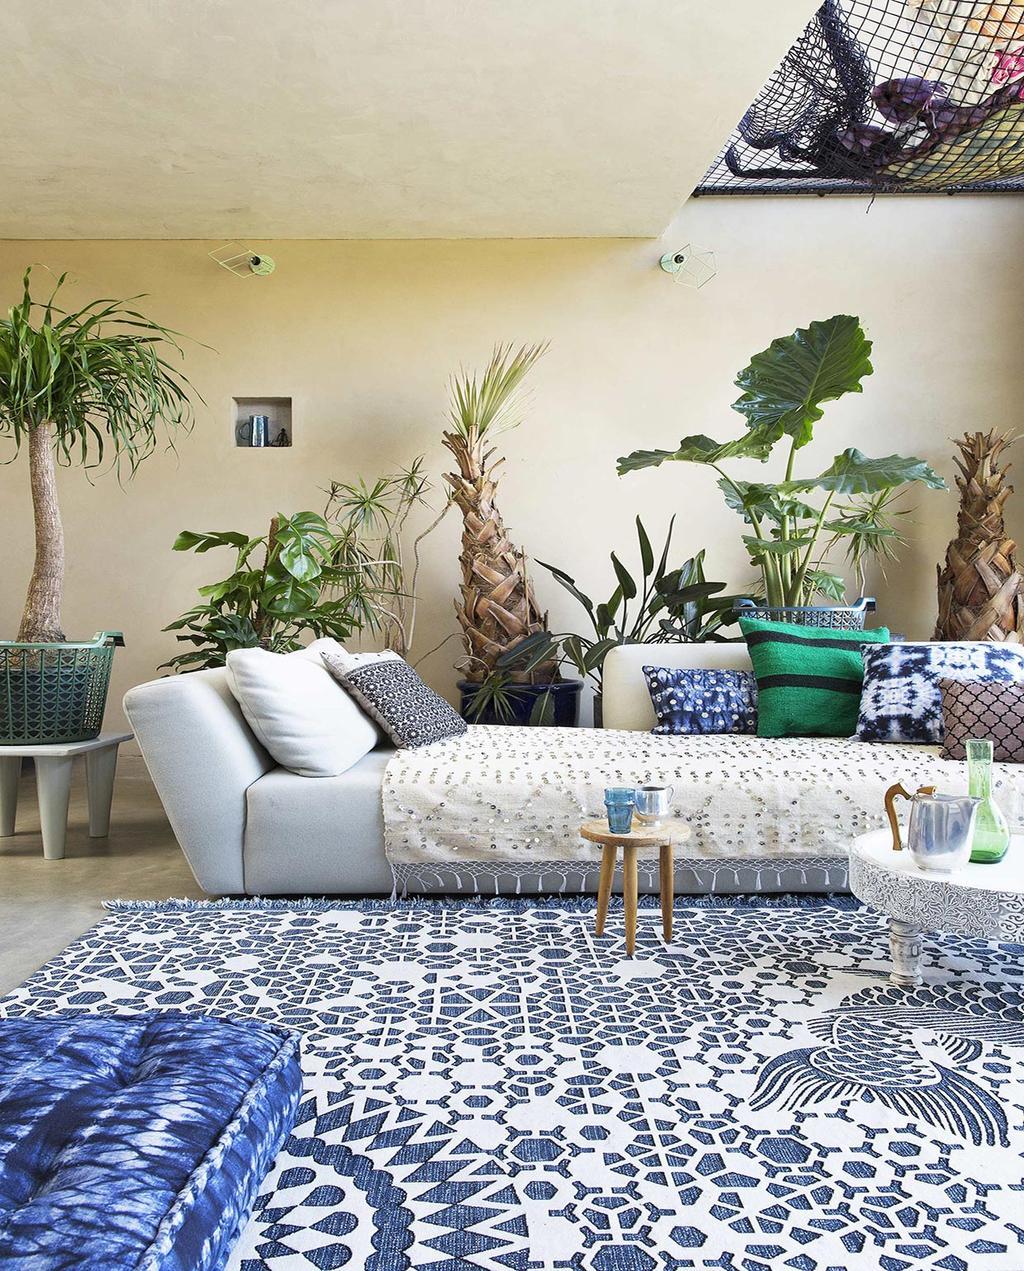 vtwonen 08-2016 | woonkamer met tropisch botanische planten en blauw kleed